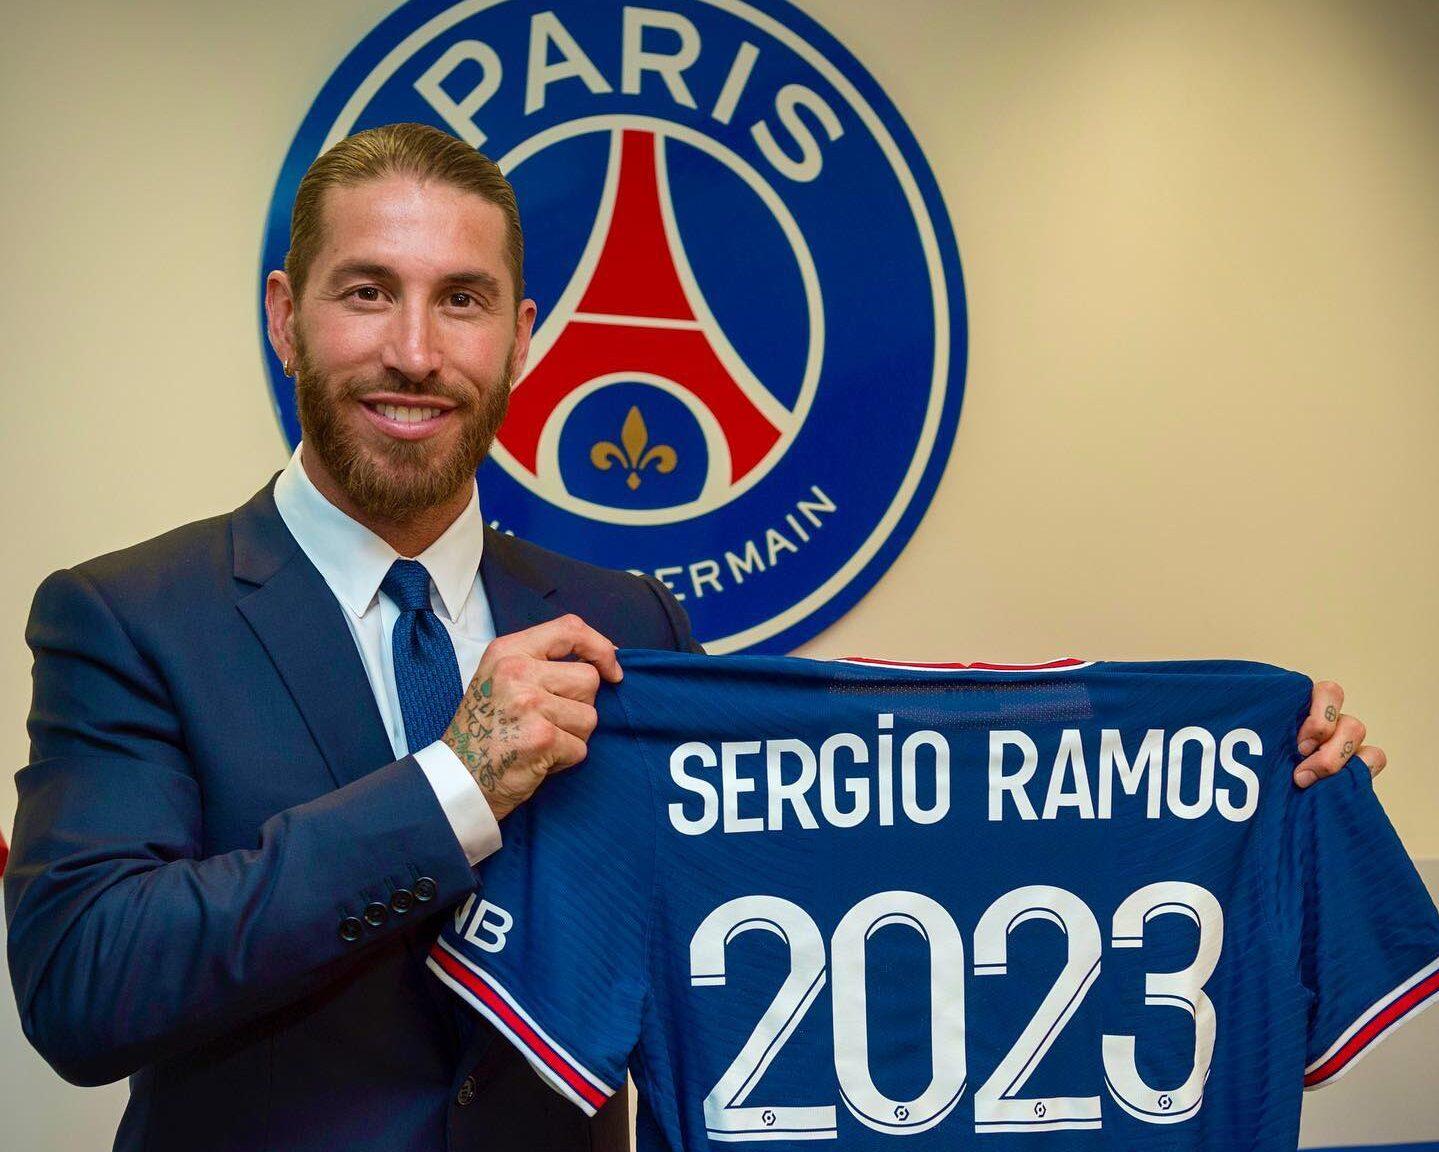 Sergio Ramos ya viste los colores del PSG hasta el 2023